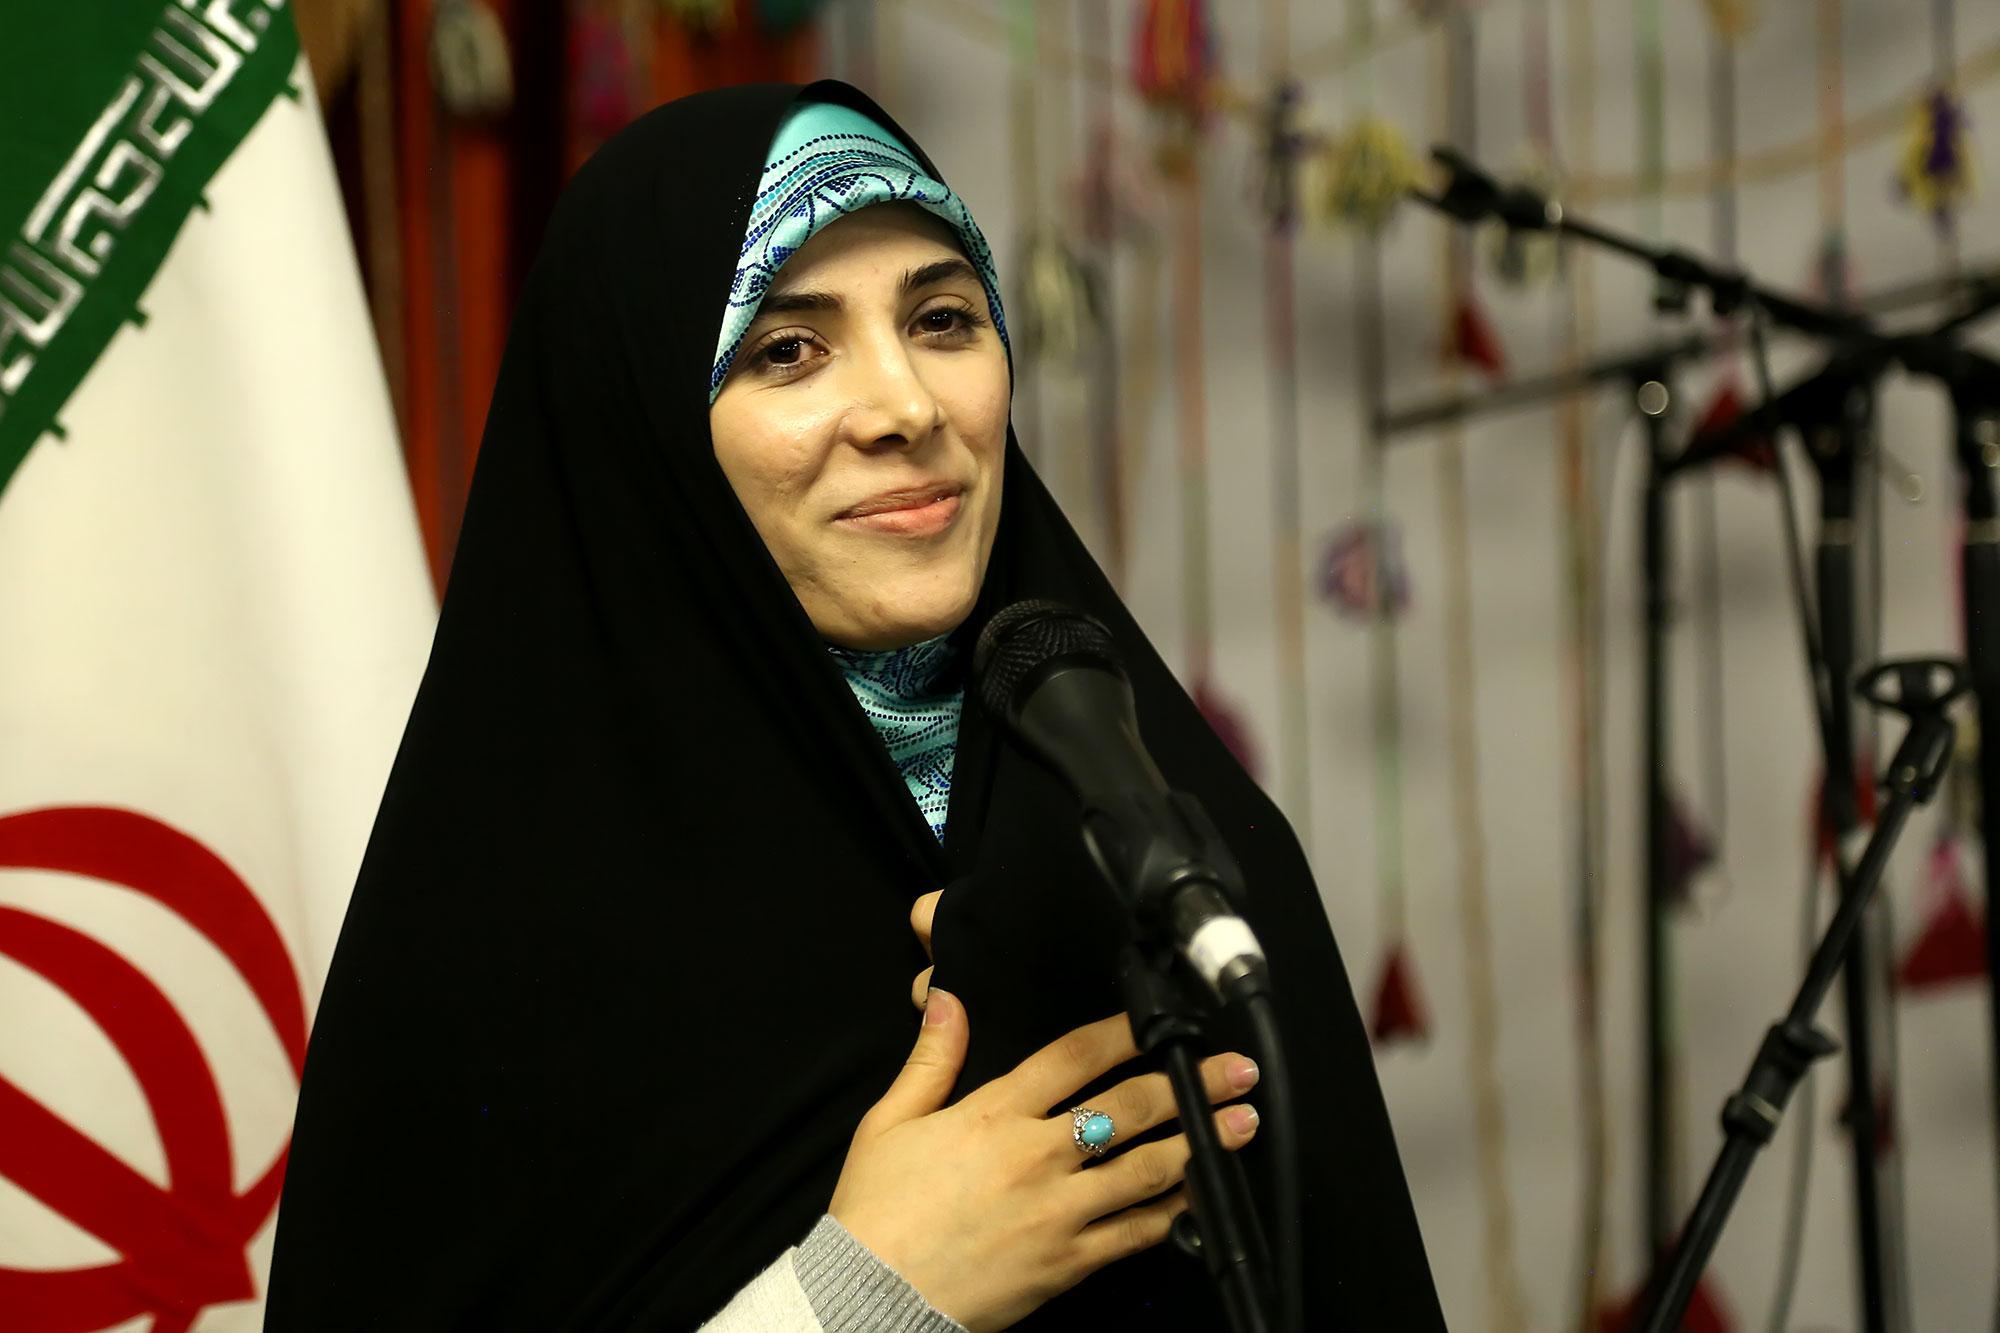 بررسی قانون نظام جامع اقتصاد دانش بنیان در مجلس شورای اسلامی